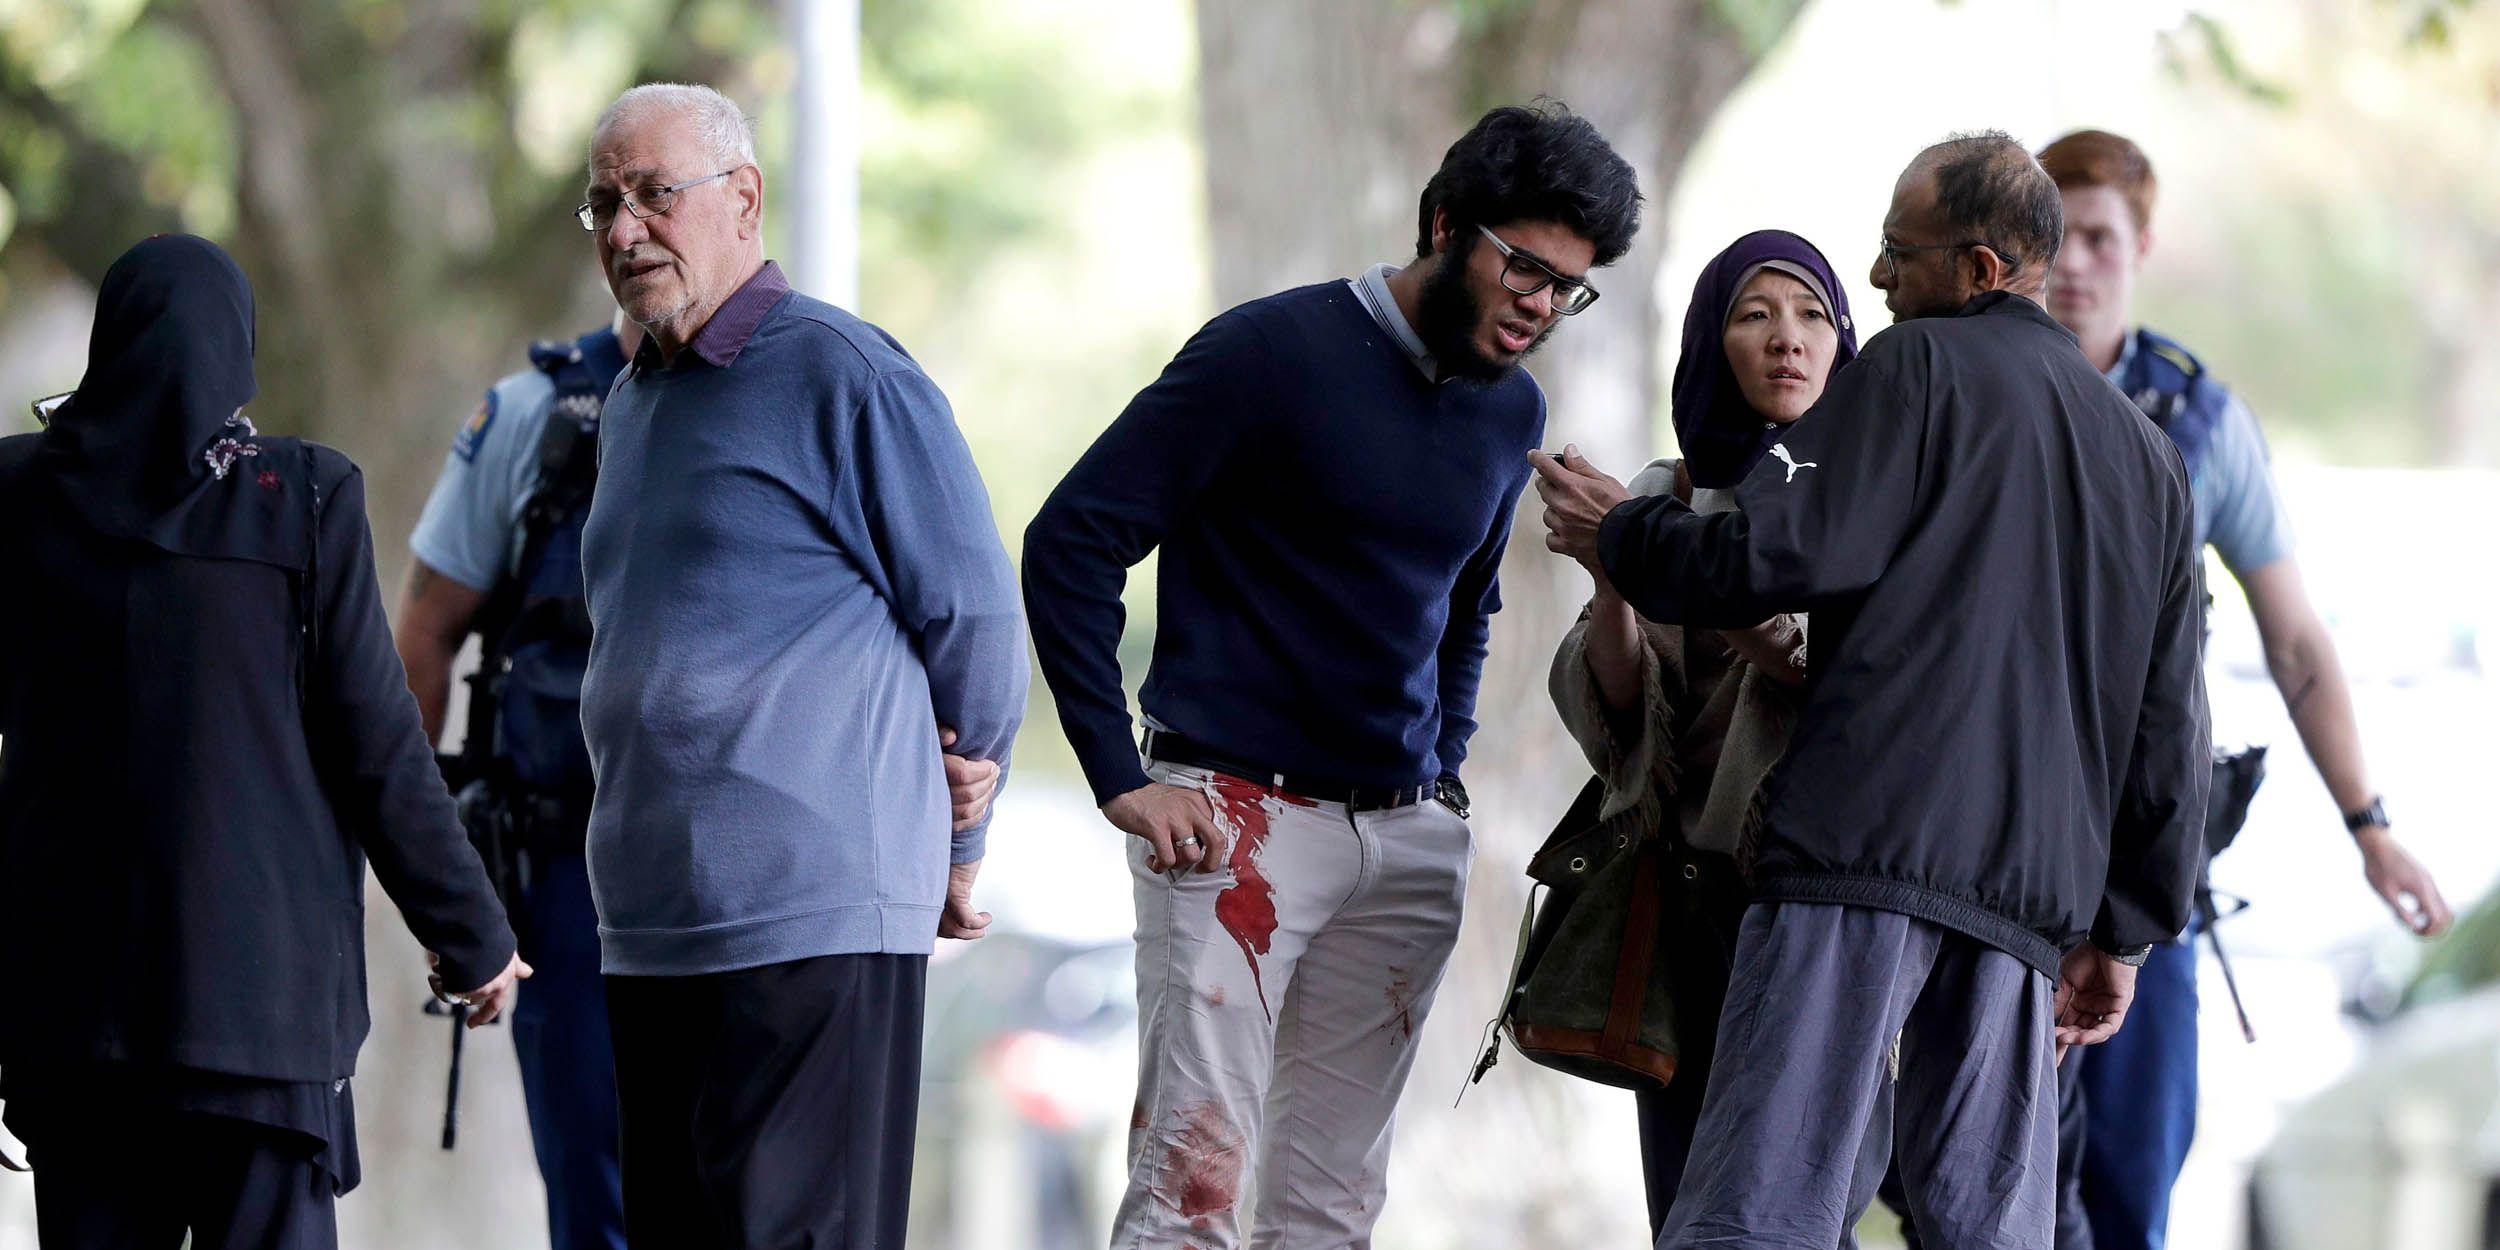 Mosque Shooting, Christchurch, New Zealand - 15 Mar 2019